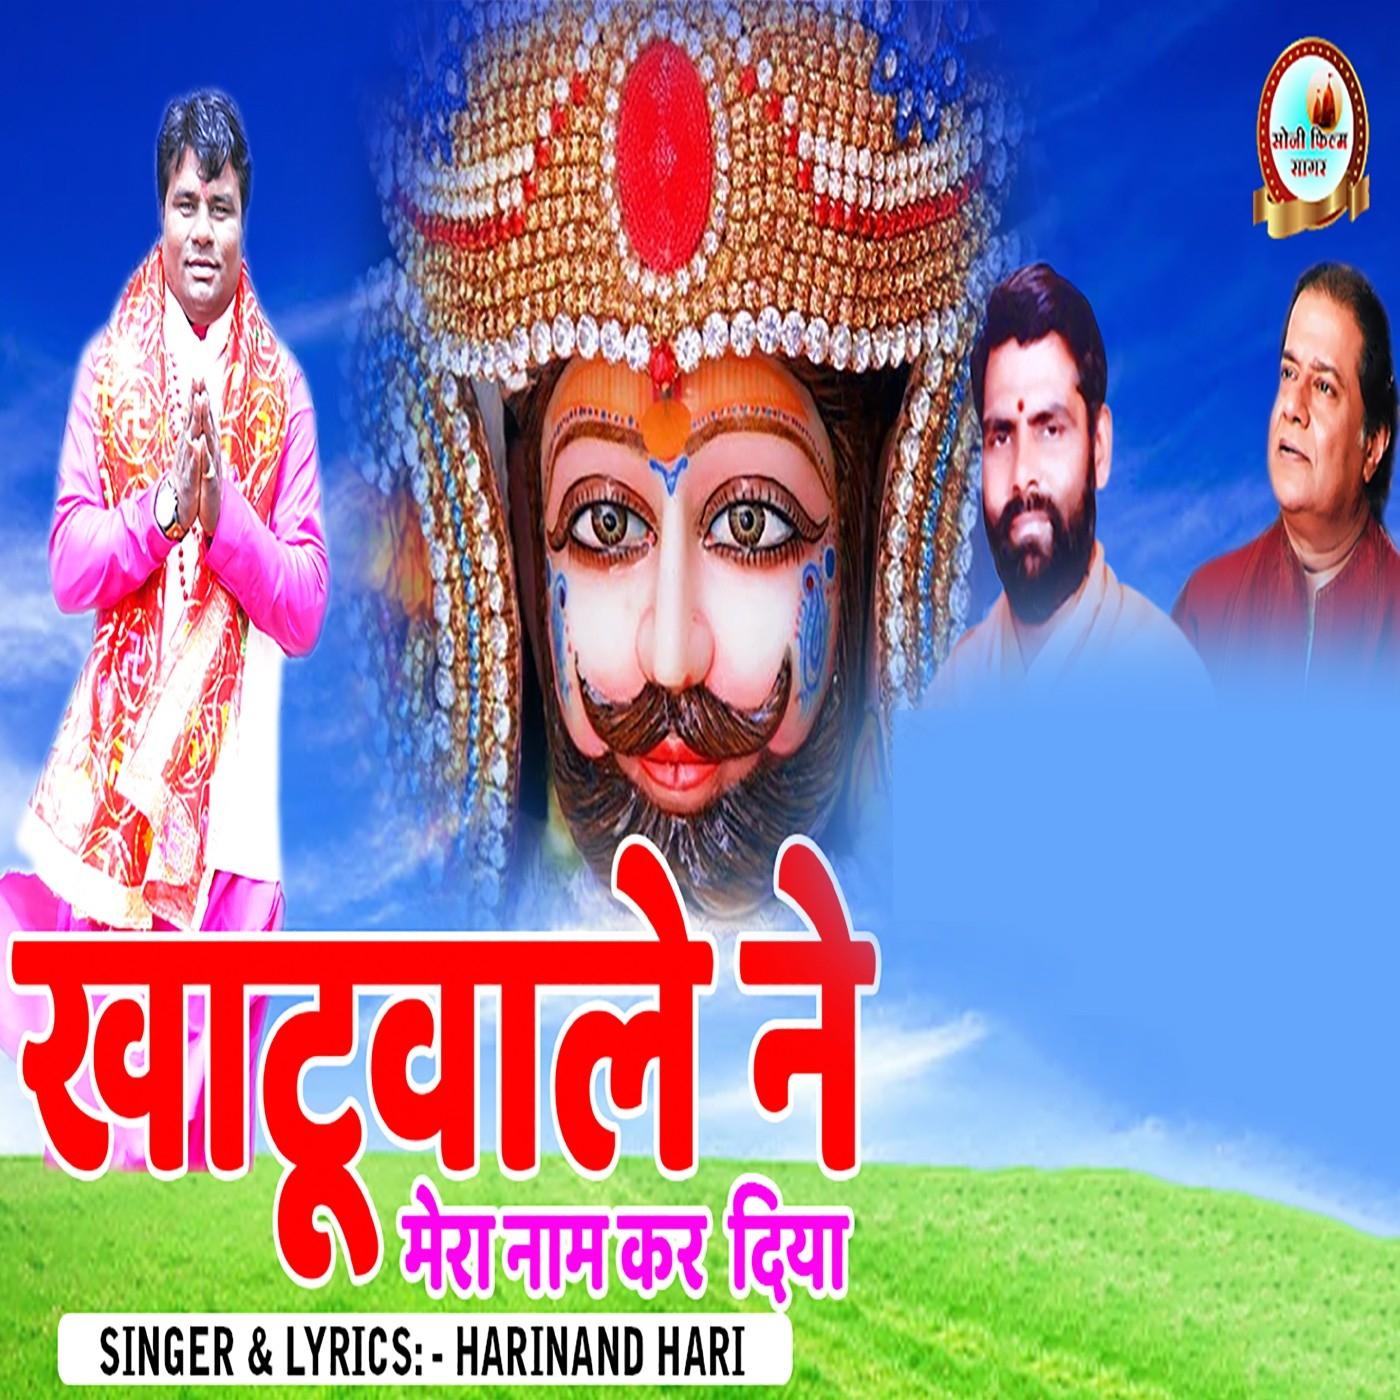 Khatuwaale Ne Mera Name Kar Diya songs